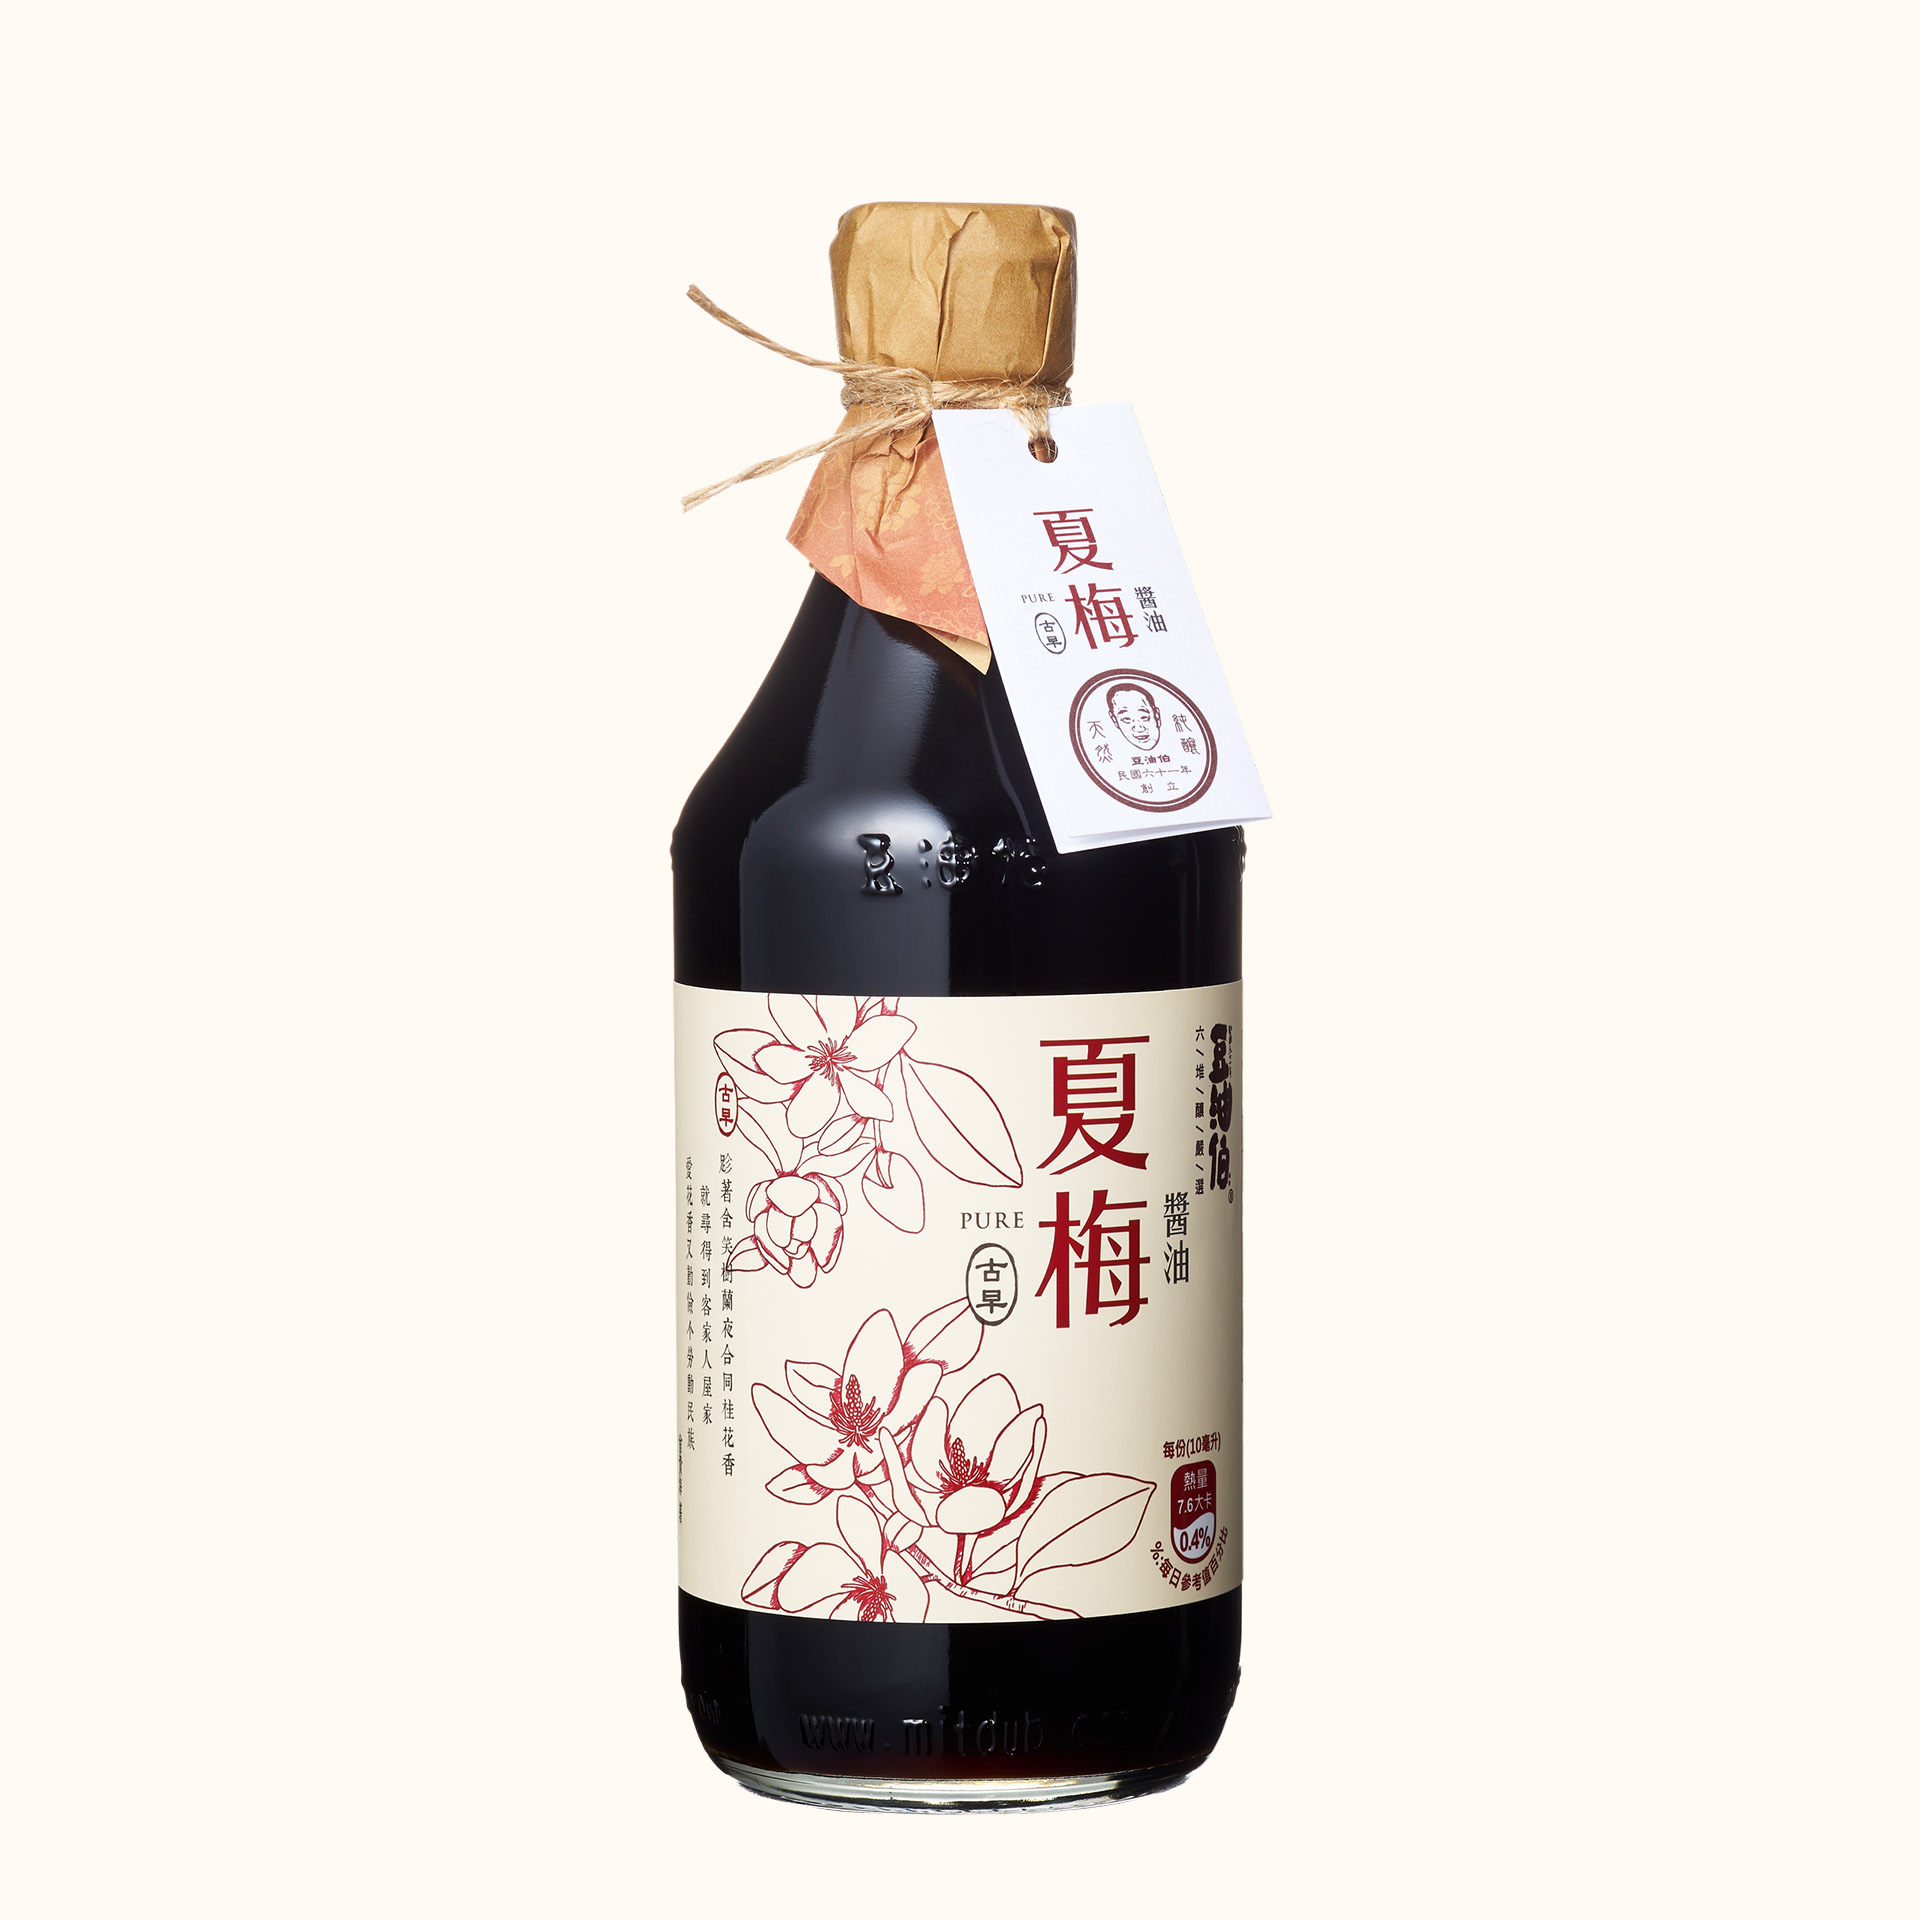 【東森獨家】竹田設計版-夏梅無添加糖釀造醬油500ml